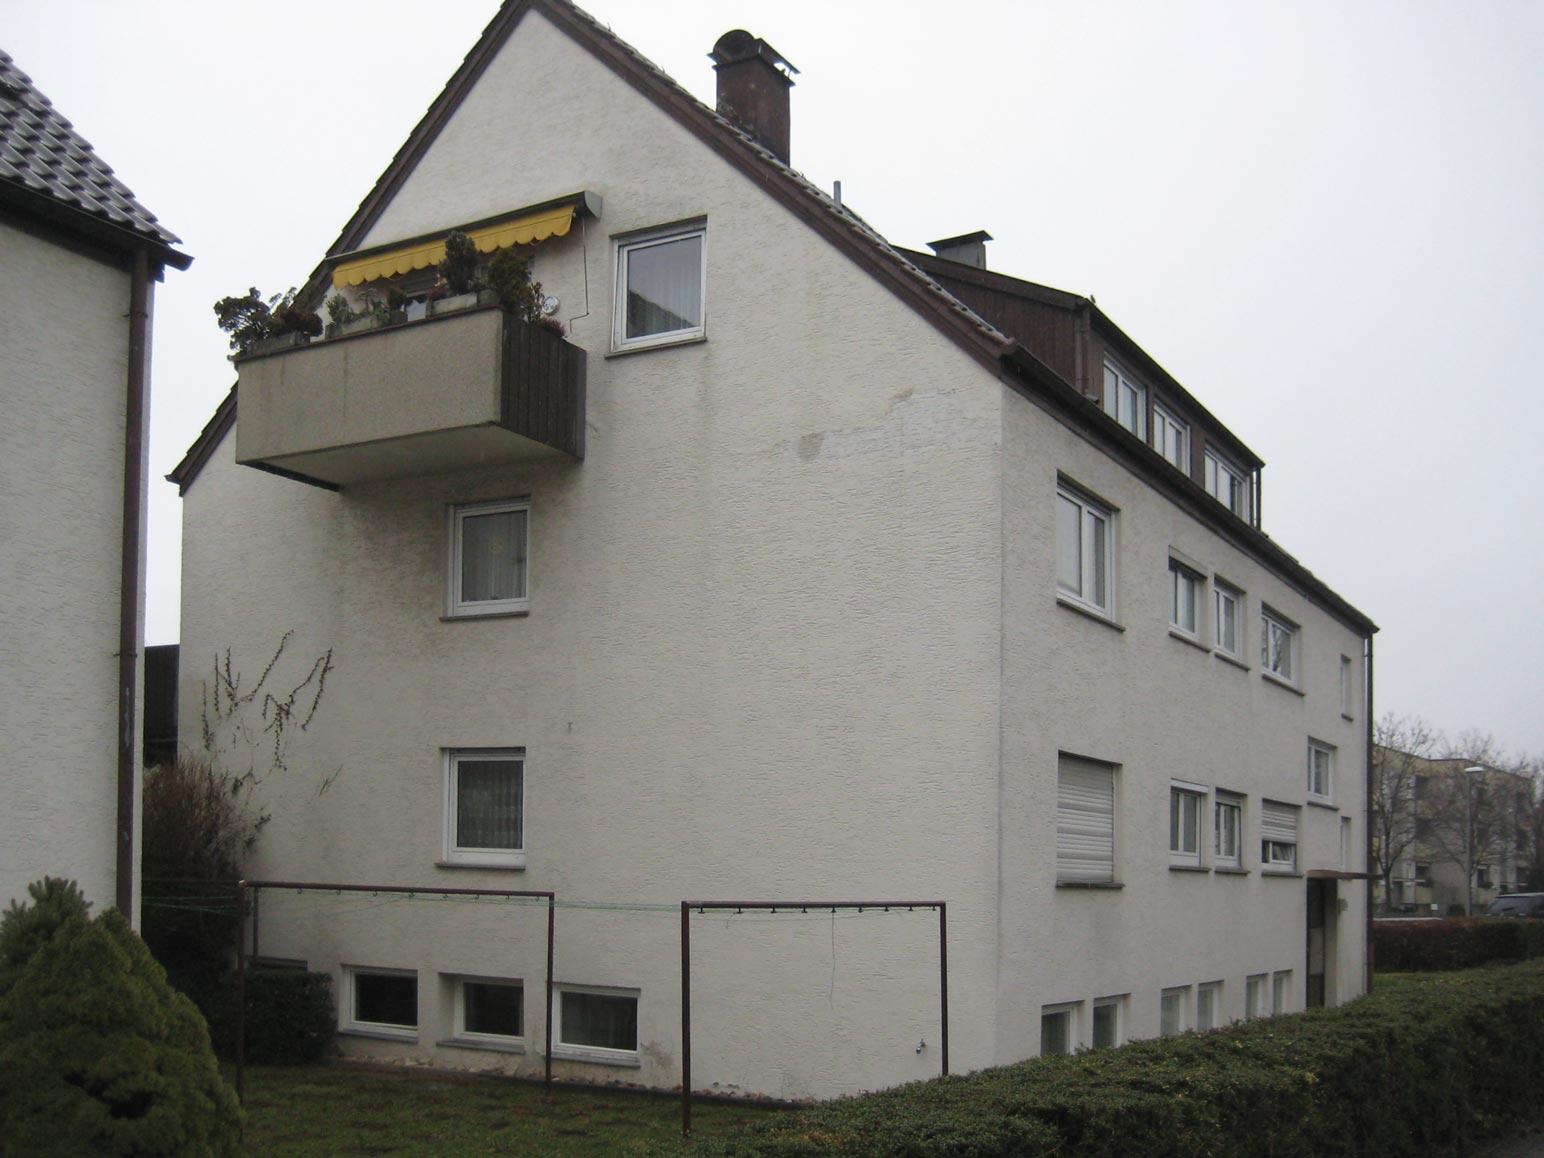 Hauseingang Nr. 15, unsanierter Zustand